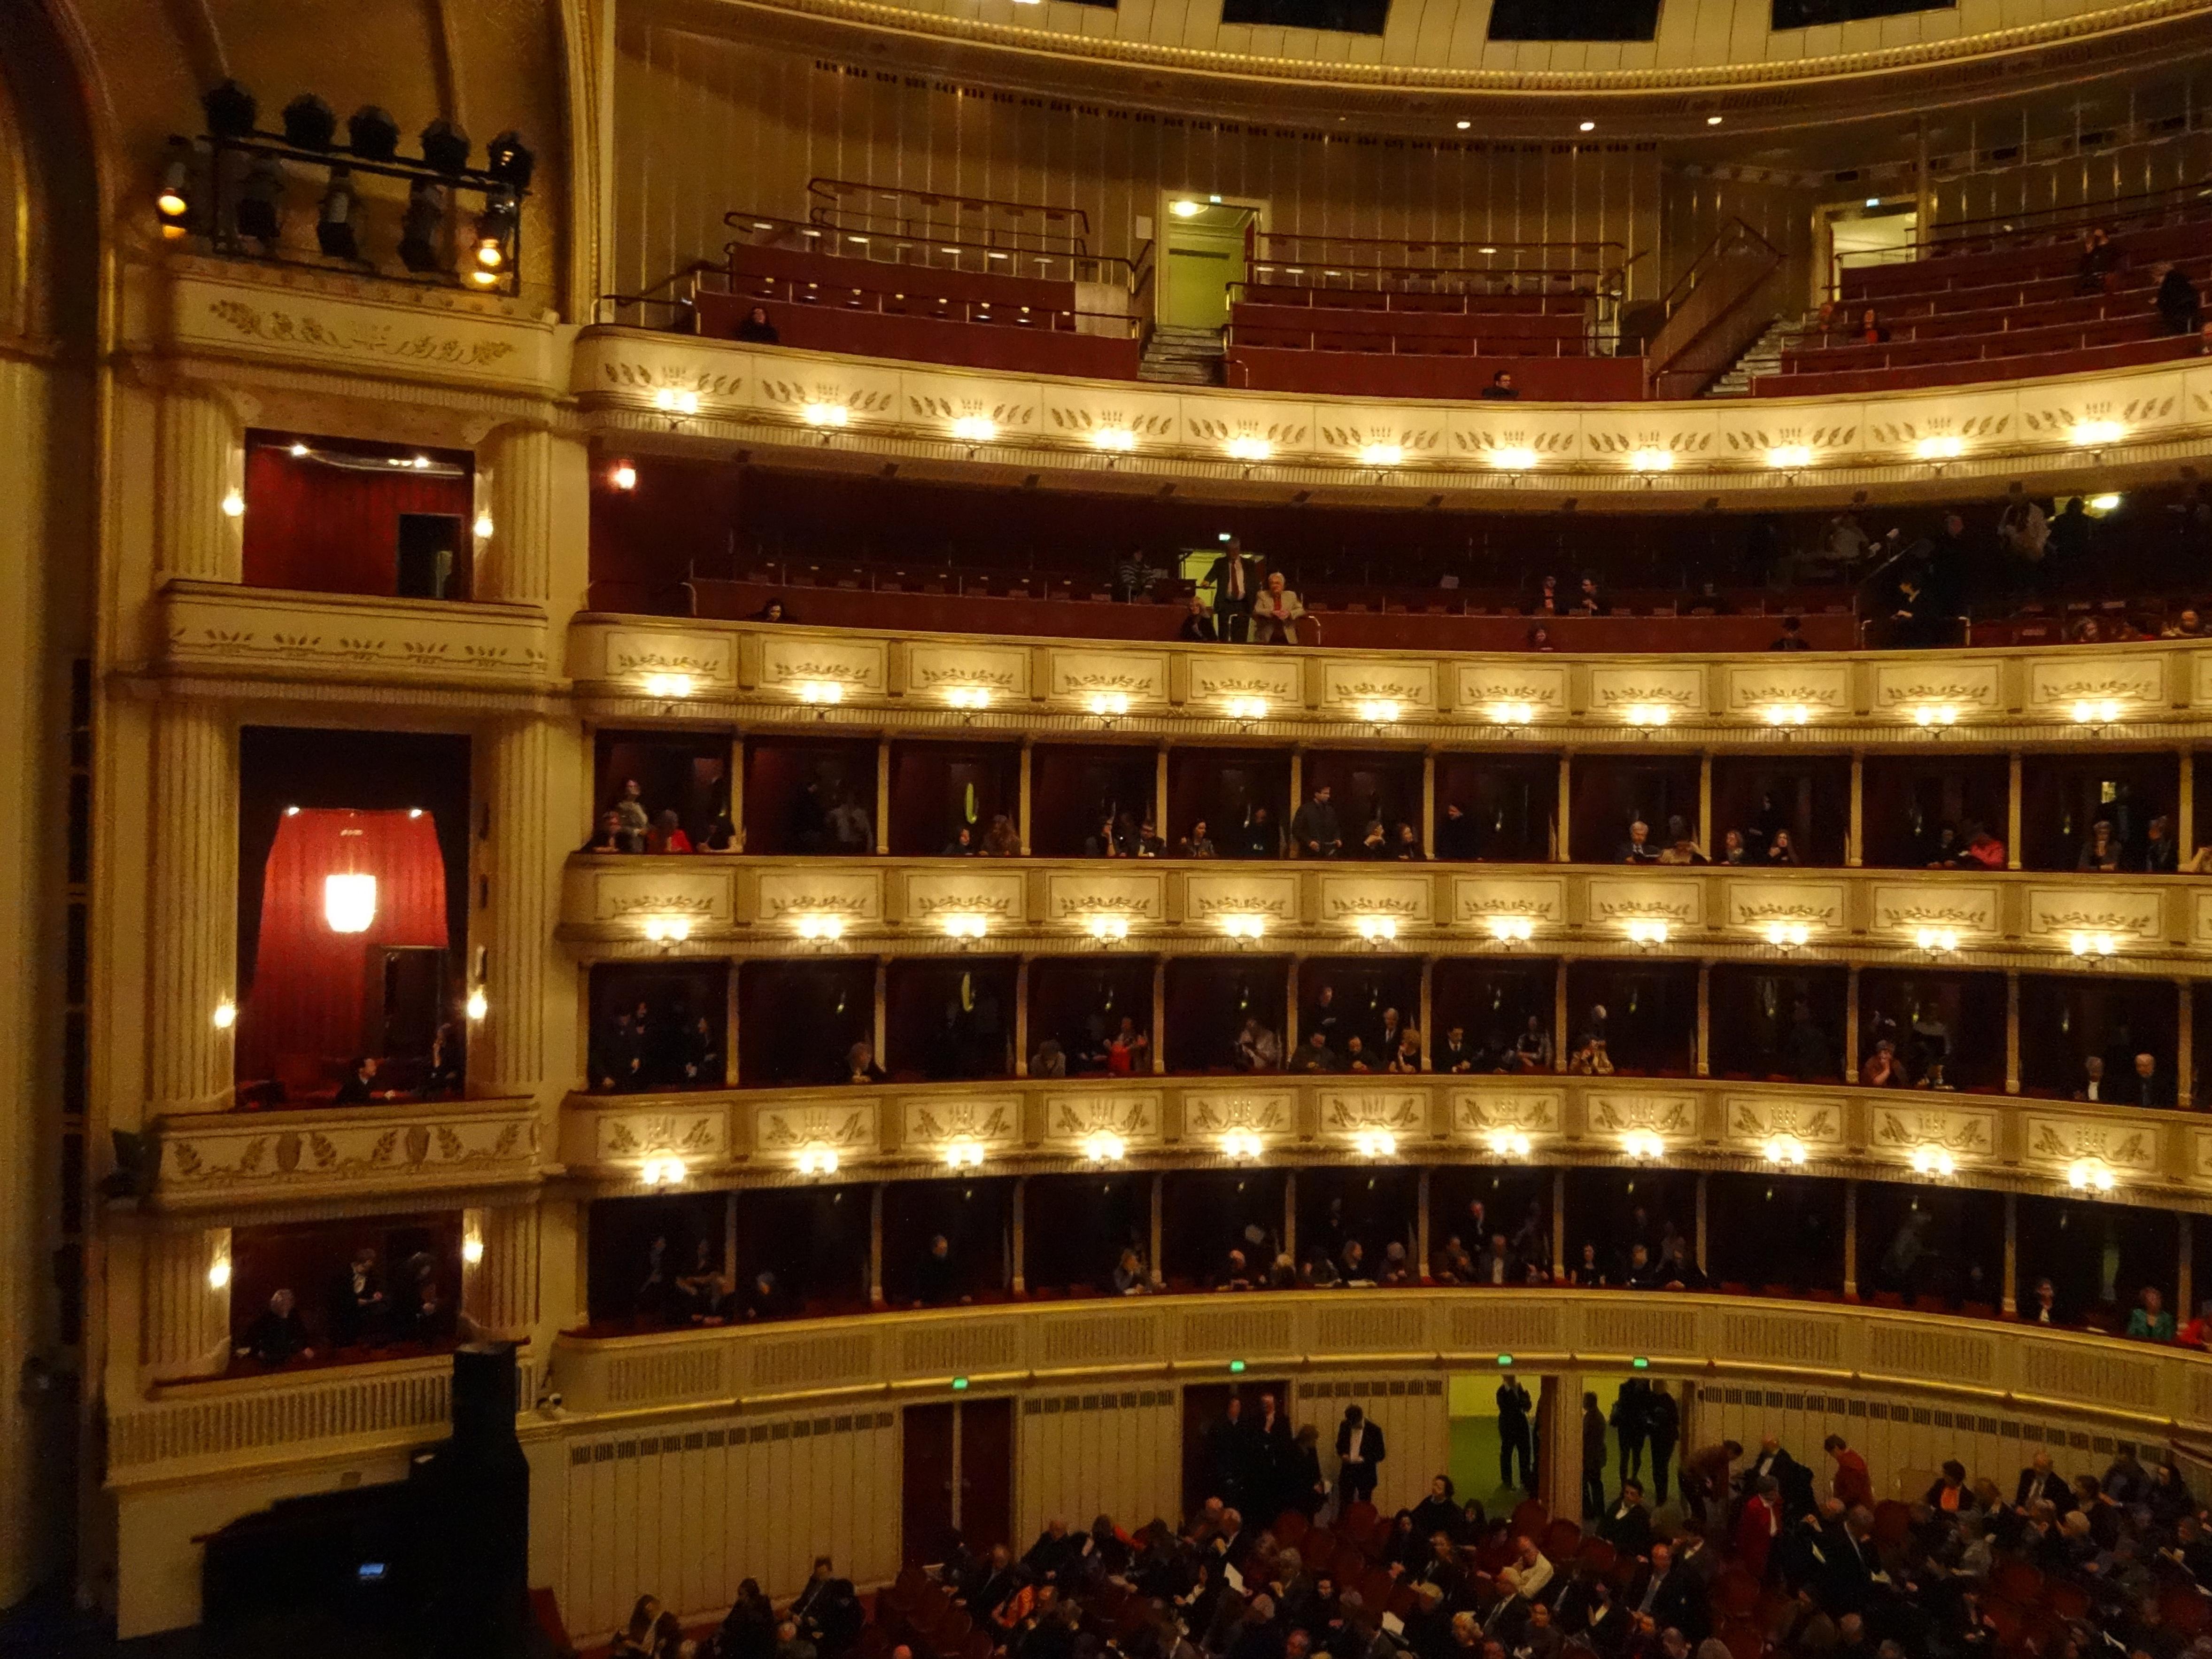 Staatsoper Wien / Vienna State Opera